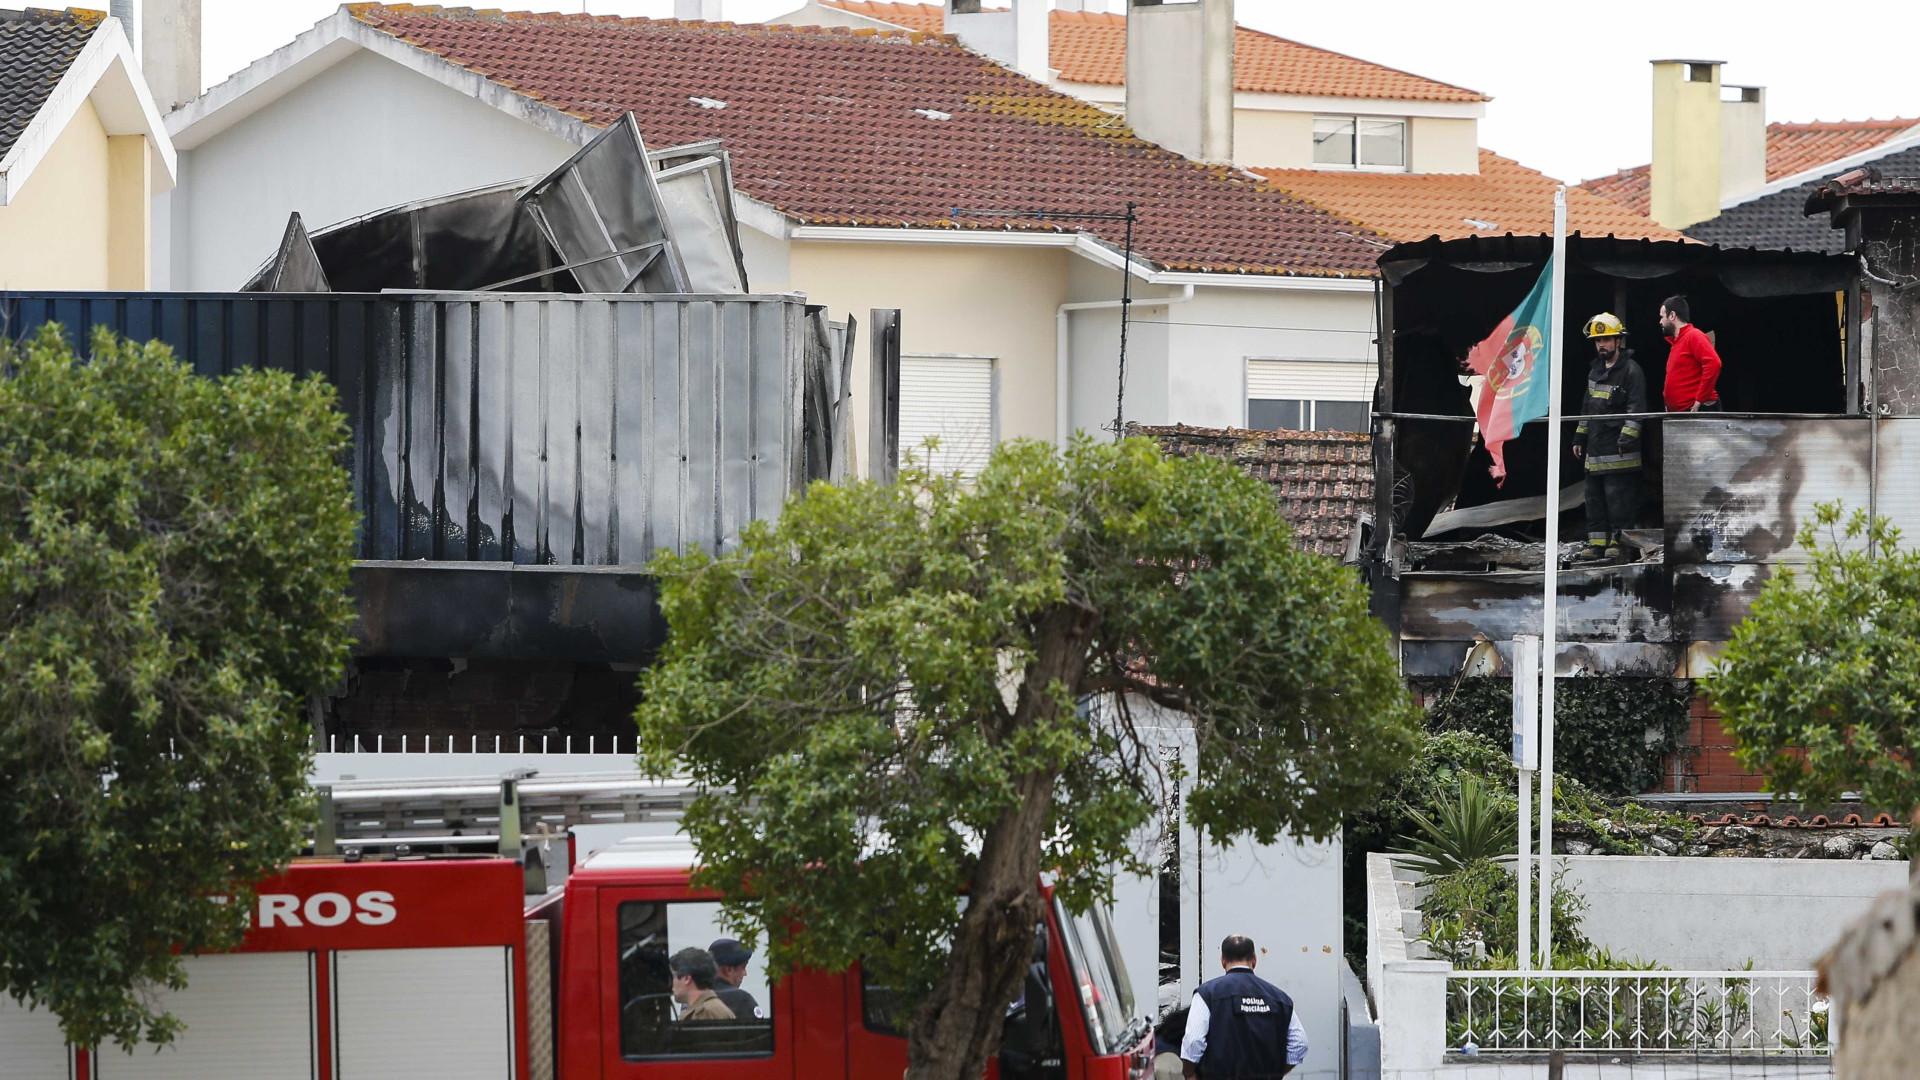 Arquivado inquérito à queda de aeronave em Tires que matou cinco pessoas